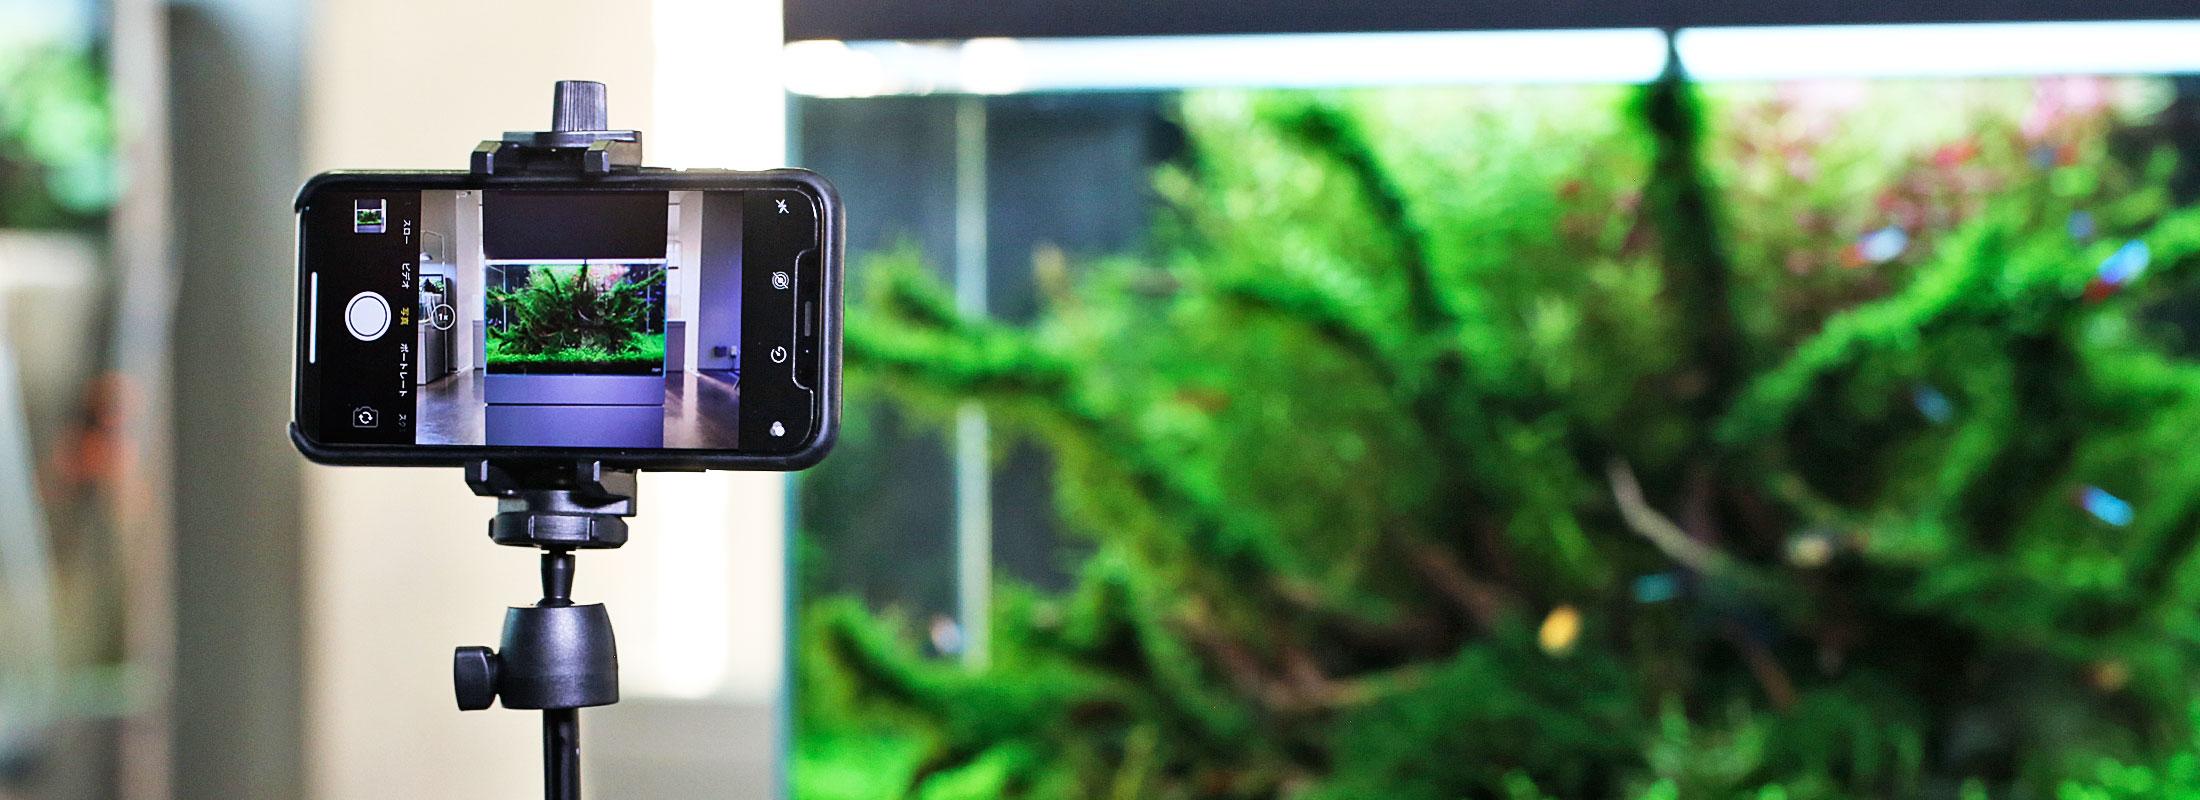 【世界水草レイアウトコンテスト応募ガイド】水草水槽をキレイに撮るためのテクニック「スマホ編」